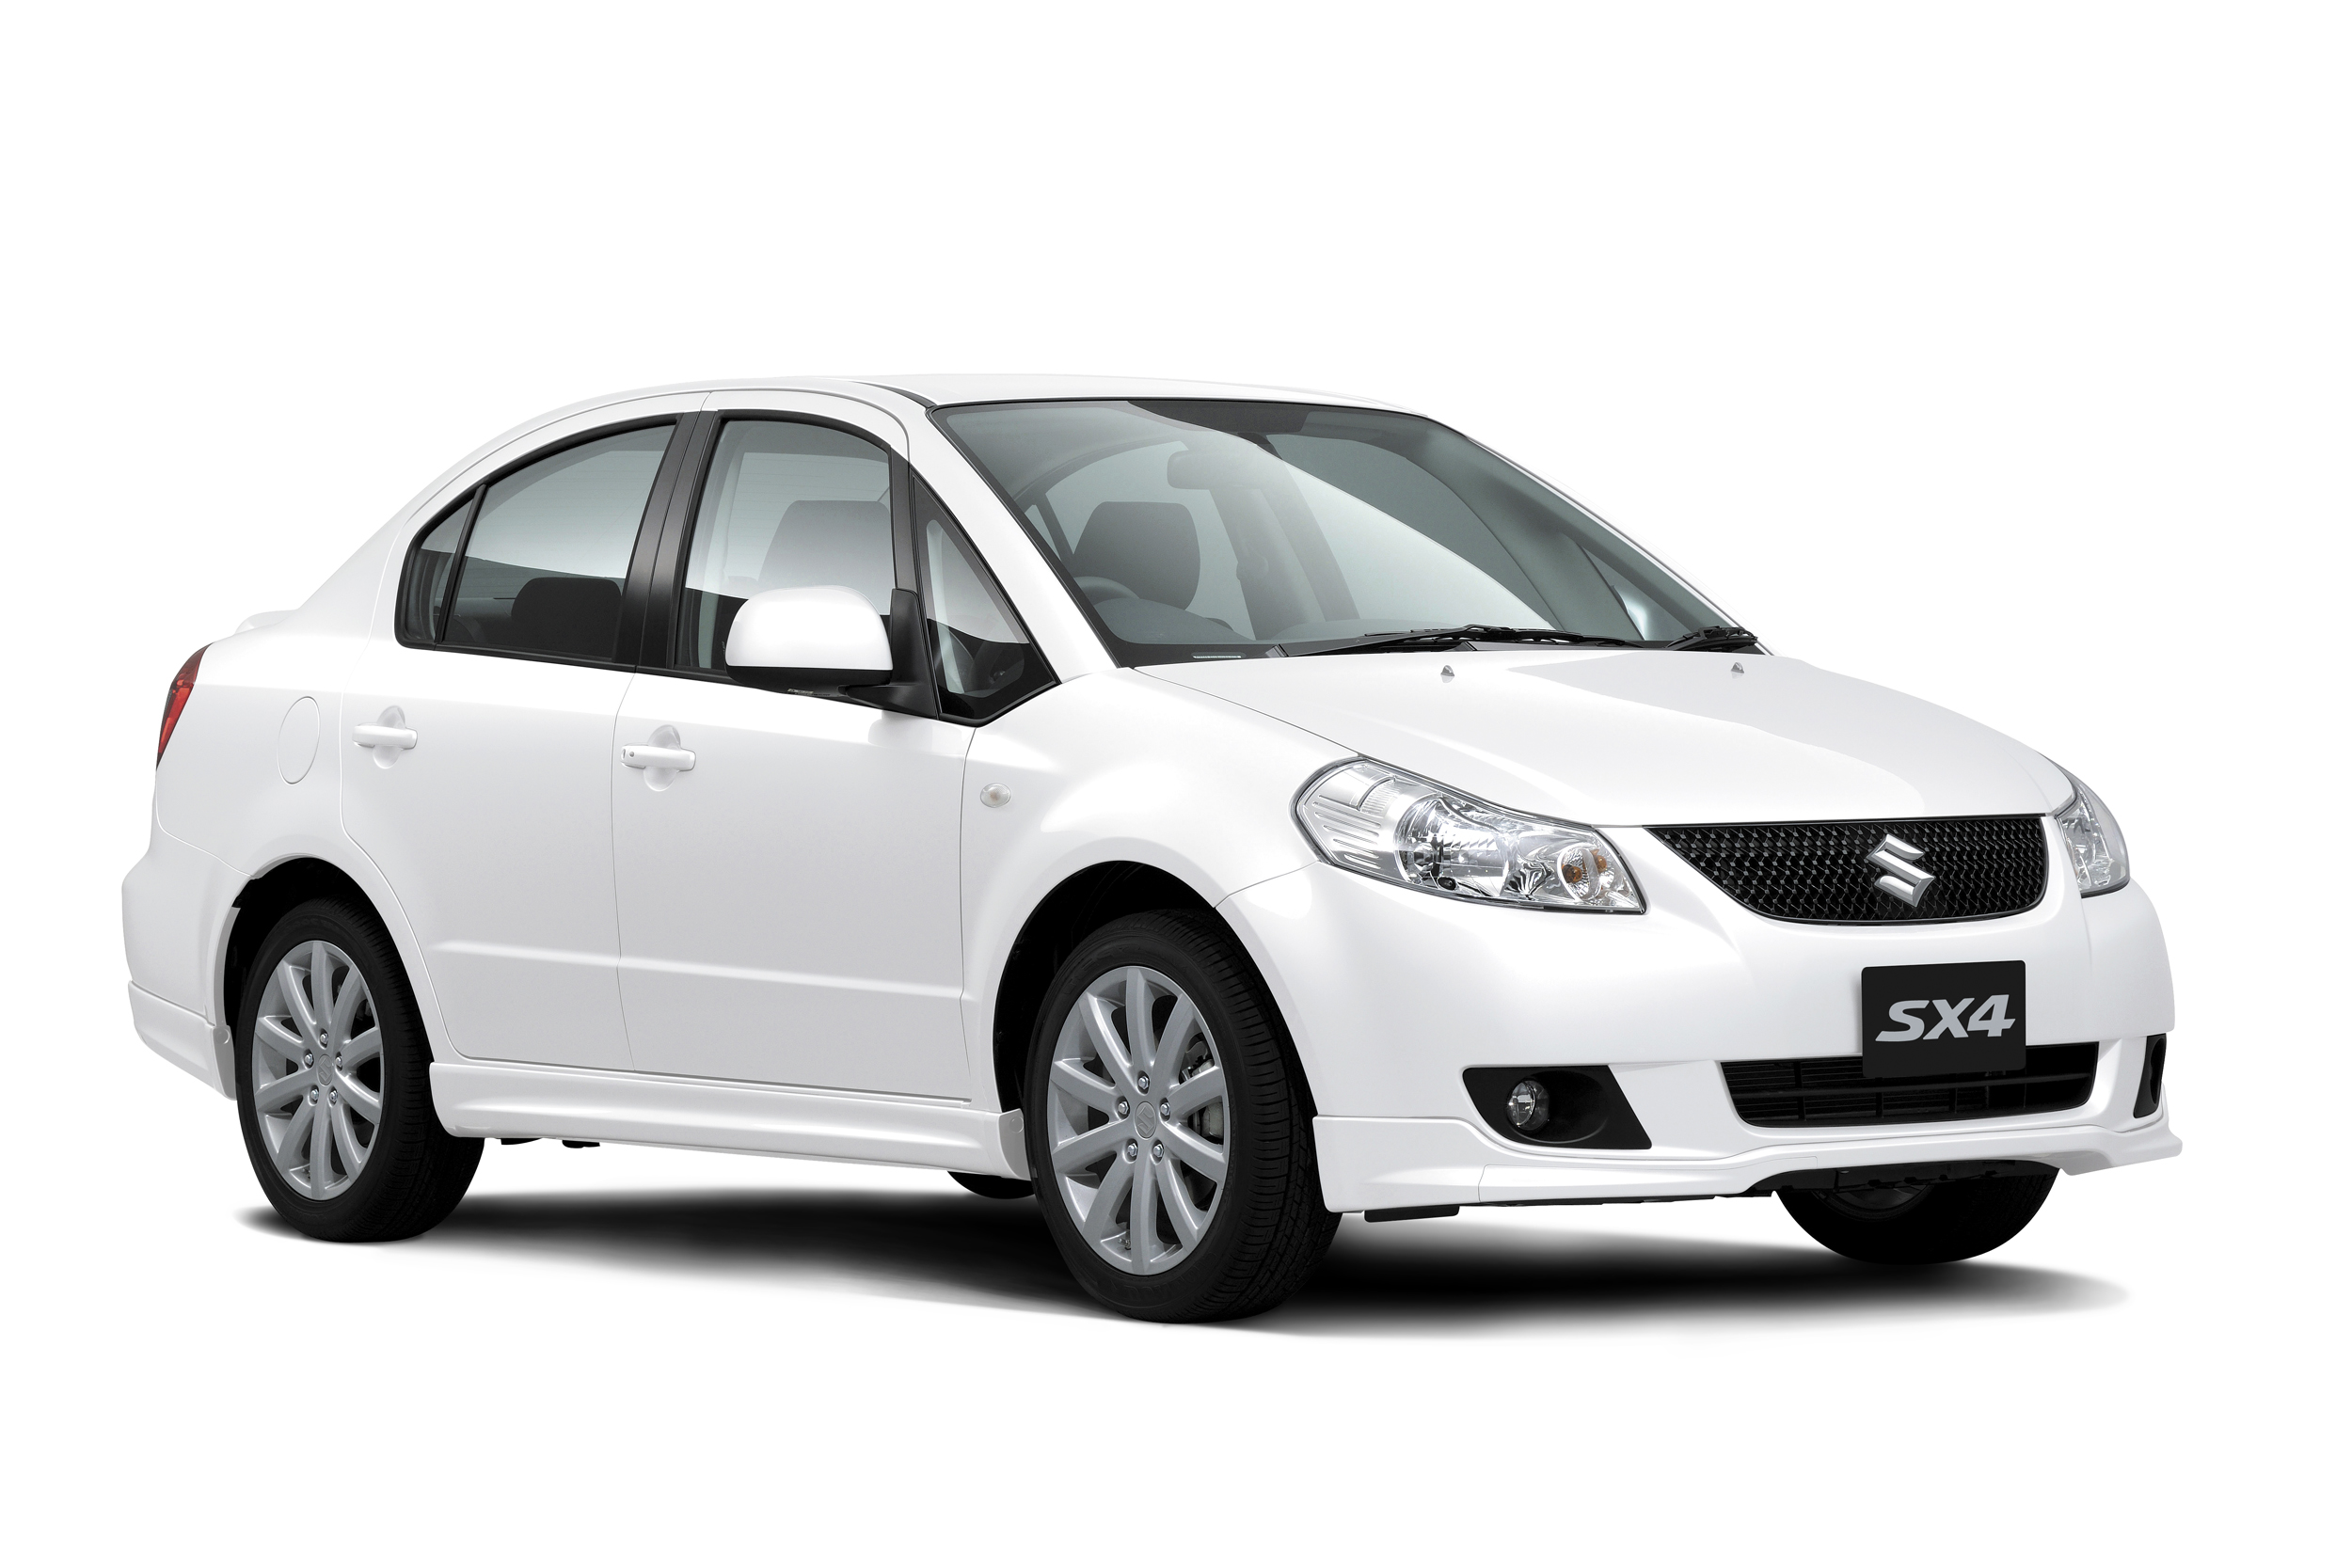 Parlons un peu de la Suzuki SX4 (ou Fiat Sedici)... - Auto ...